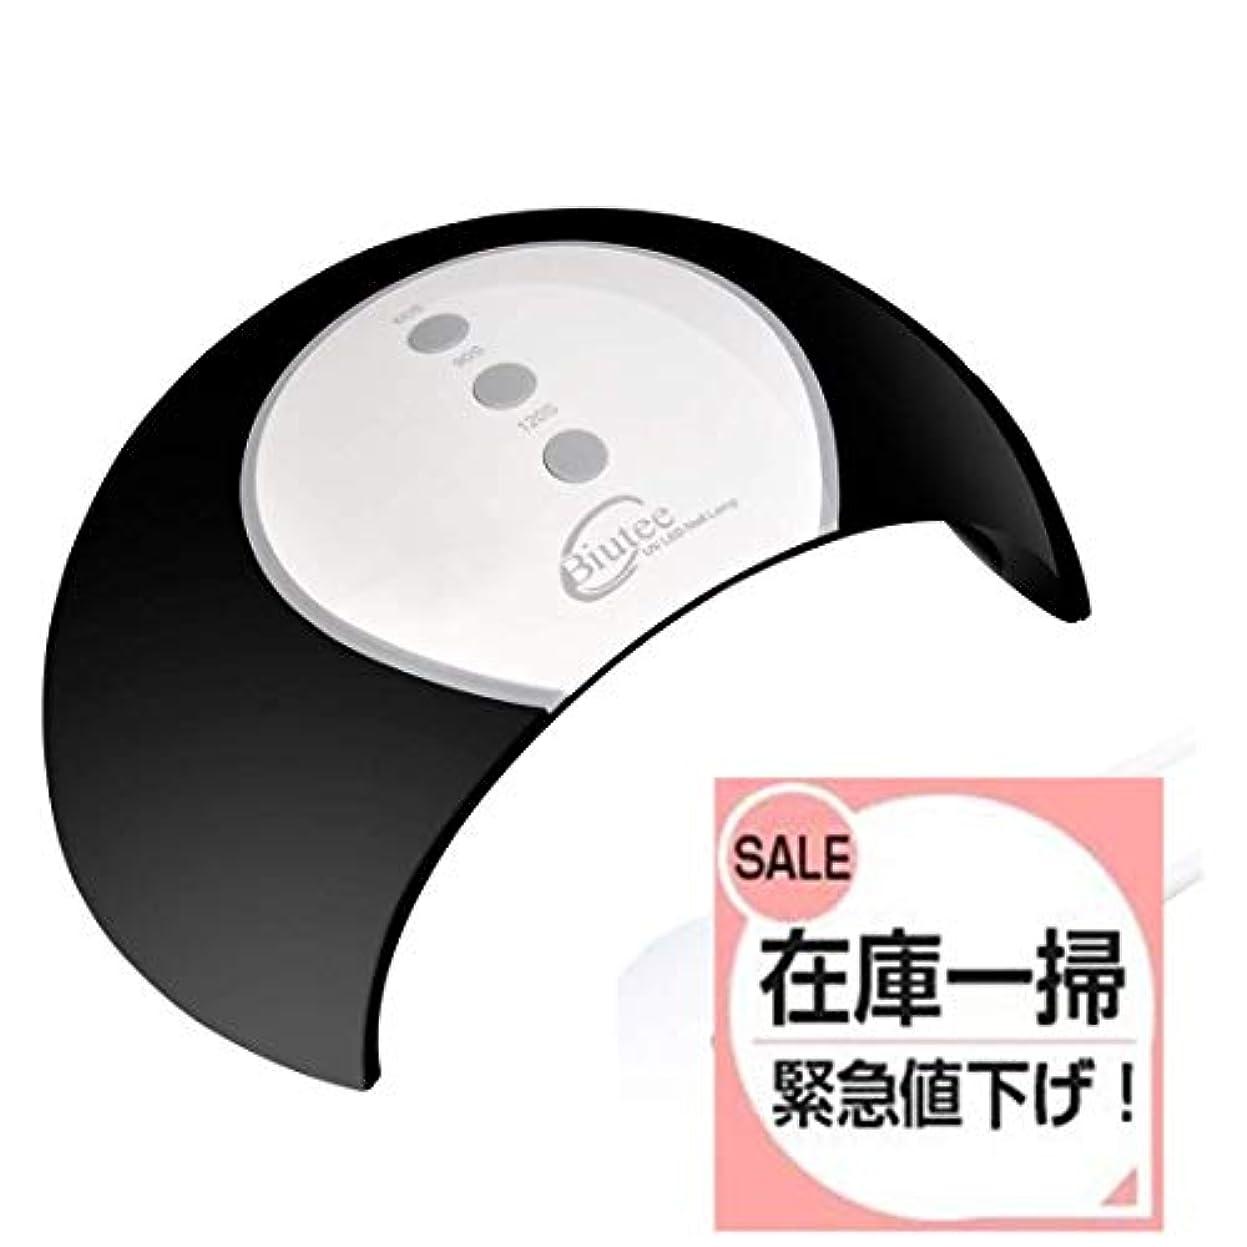 市長人類トリプル24W ネイルライト USB充電 8個LED 60s 90s 120sタイマー 手足両用 自動センサー付き ネイルドライヤー UV LED ジェルネイルライト 日本語説明書付き